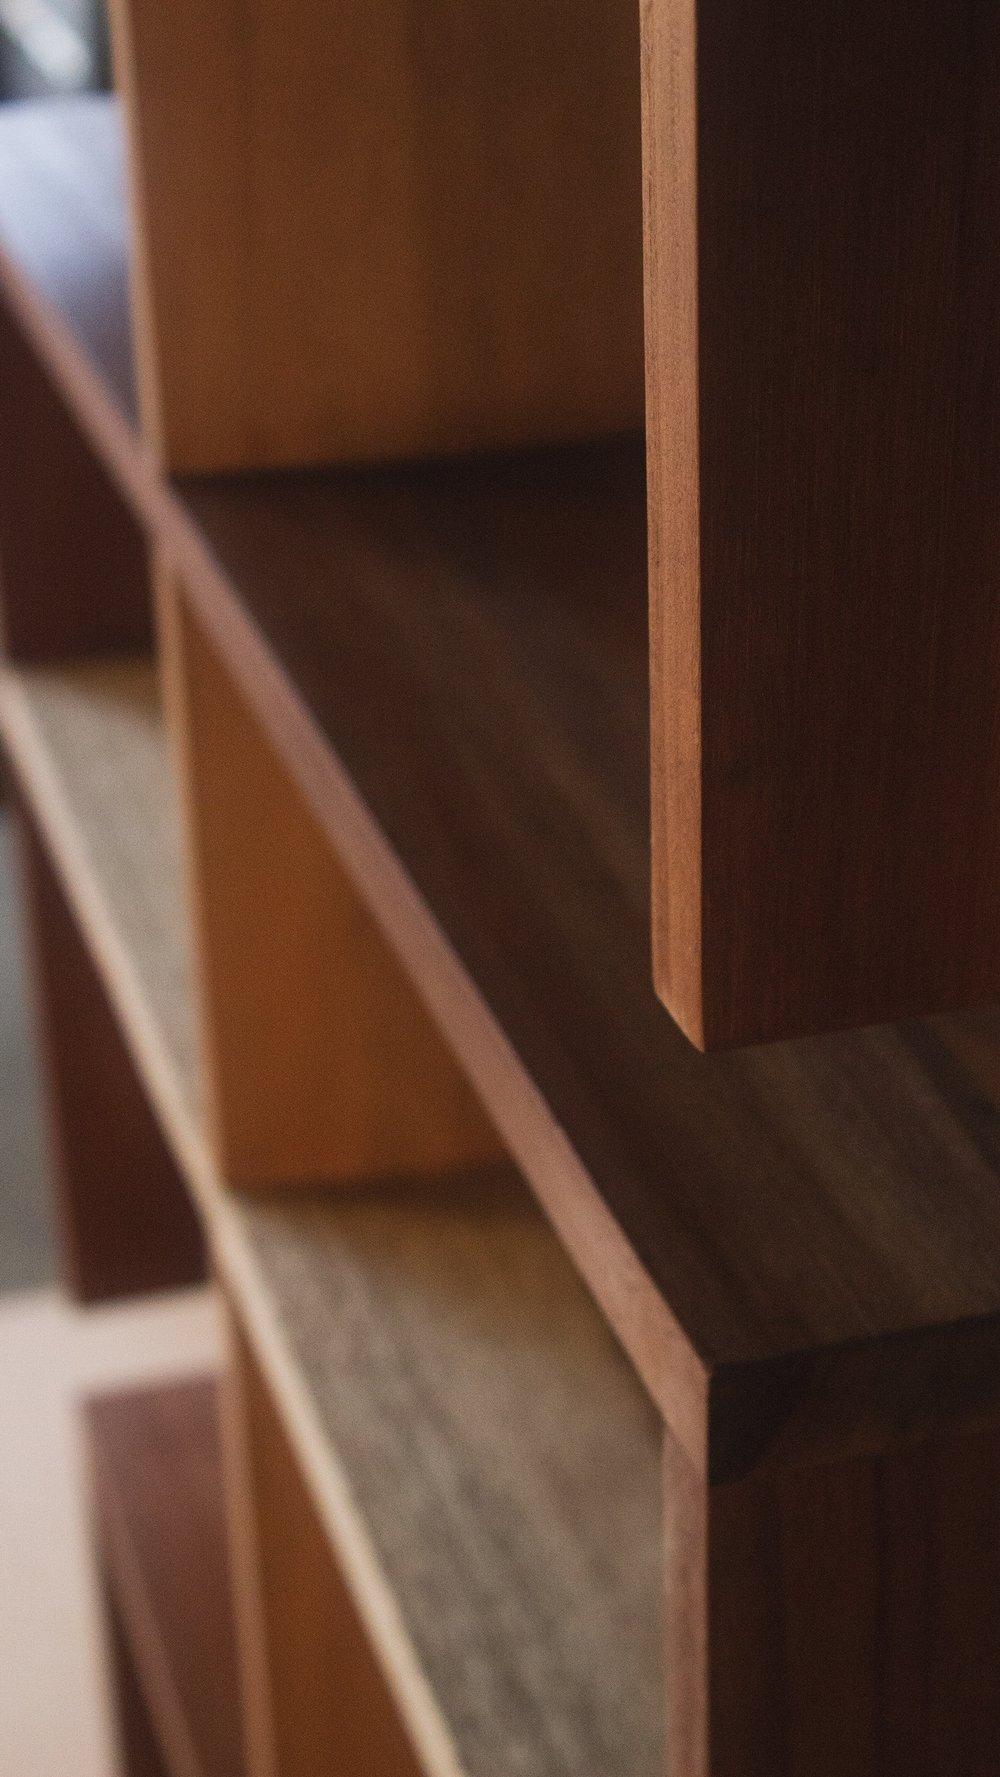 shelf_2_vsco.JPG